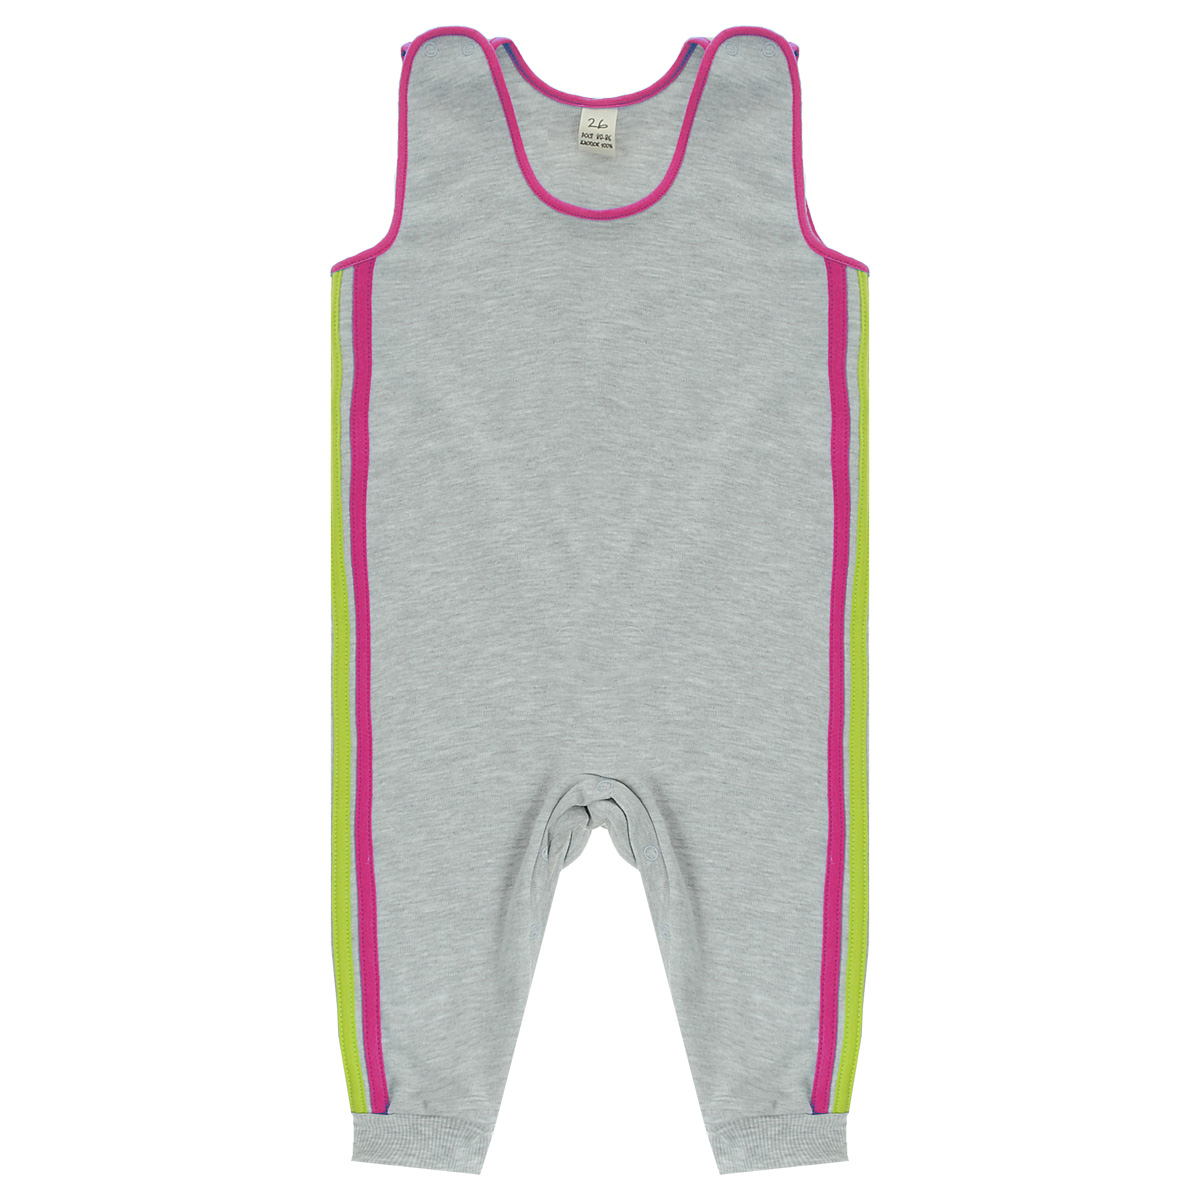 Ползунки с грудкой Lucky Child, цвет: серый, розовый. 1-15. Размер 74/801-15Ползунки с грудкой Lucky Child - очень удобный и практичный вид одежды для малышей. Они отлично сочетаются с футболками и кофточками. Ползунки выполнены из интерлока - натурального хлопка, благодаря чему они необычайно мягкие и приятные на ощупь, не раздражают нежную кожу ребенка и хорошо вентилируются, а эластичные швы приятны телу малыша и не препятствуют его движениям. Ползунки без ножек, застегивающиеся сверху на кнопки, идеально подойдут вашему малышу, обеспечивая ему наибольший комфорт, подходят для ношения с подгузником и без него. Кнопки на ластовице помогают легко и без труда поменять подгузник в течение дня. Отделкой служат лампасы контрастного цвета по боковому шву.Ползунки с грудкой полностью соответствуют особенностям жизни малыша в ранний период, не стесняя и не ограничивая его в движениях!